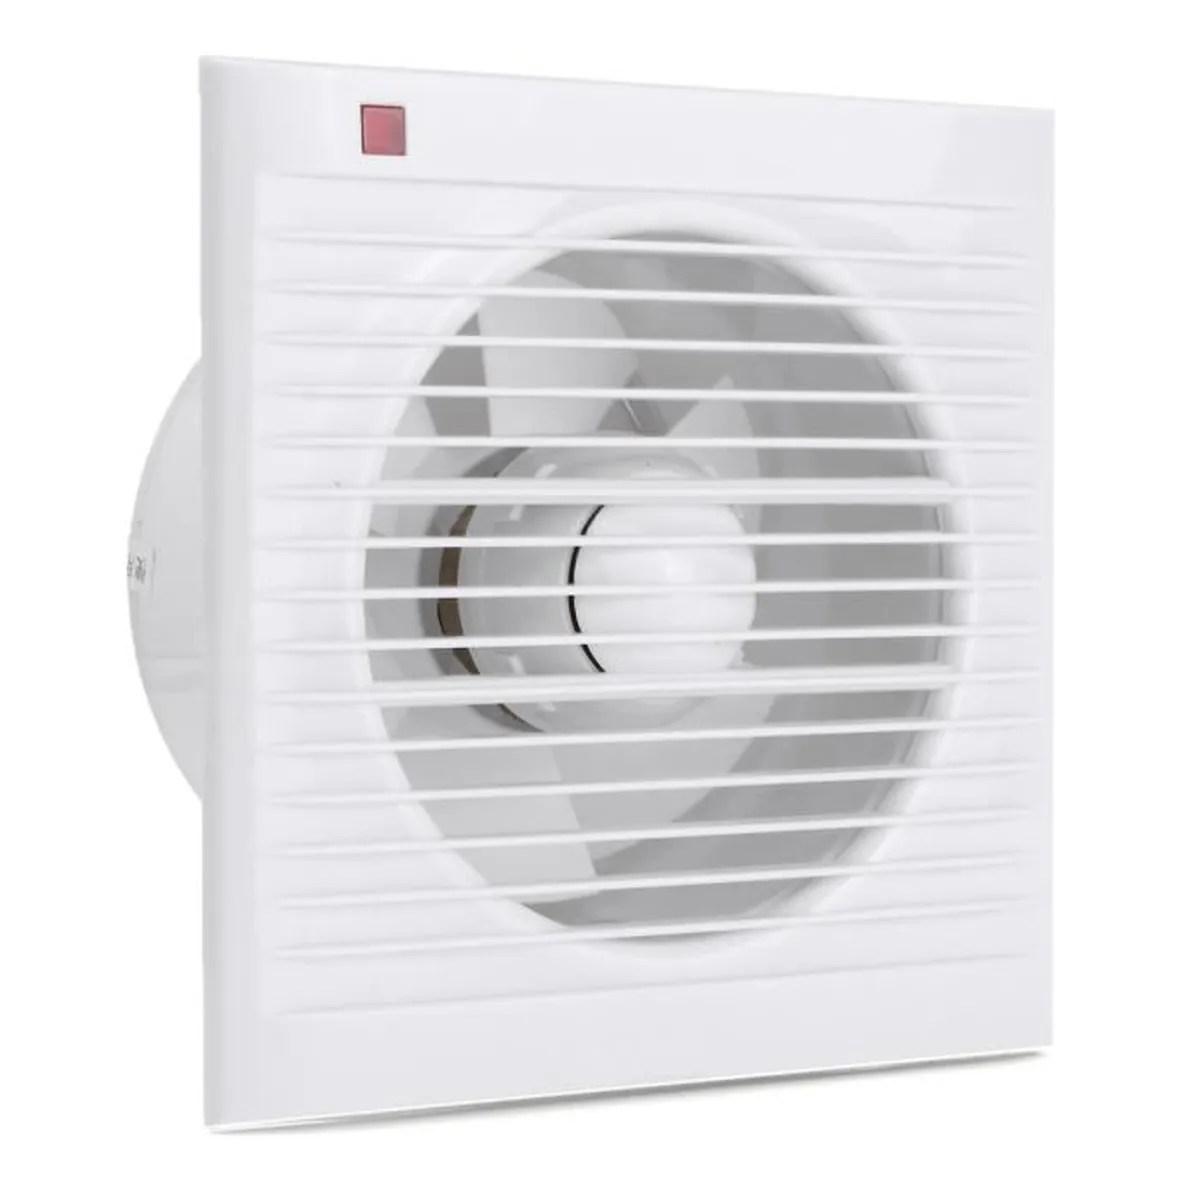 TEMPSA Ventilateur Ventilation DExtraction Fan Pr